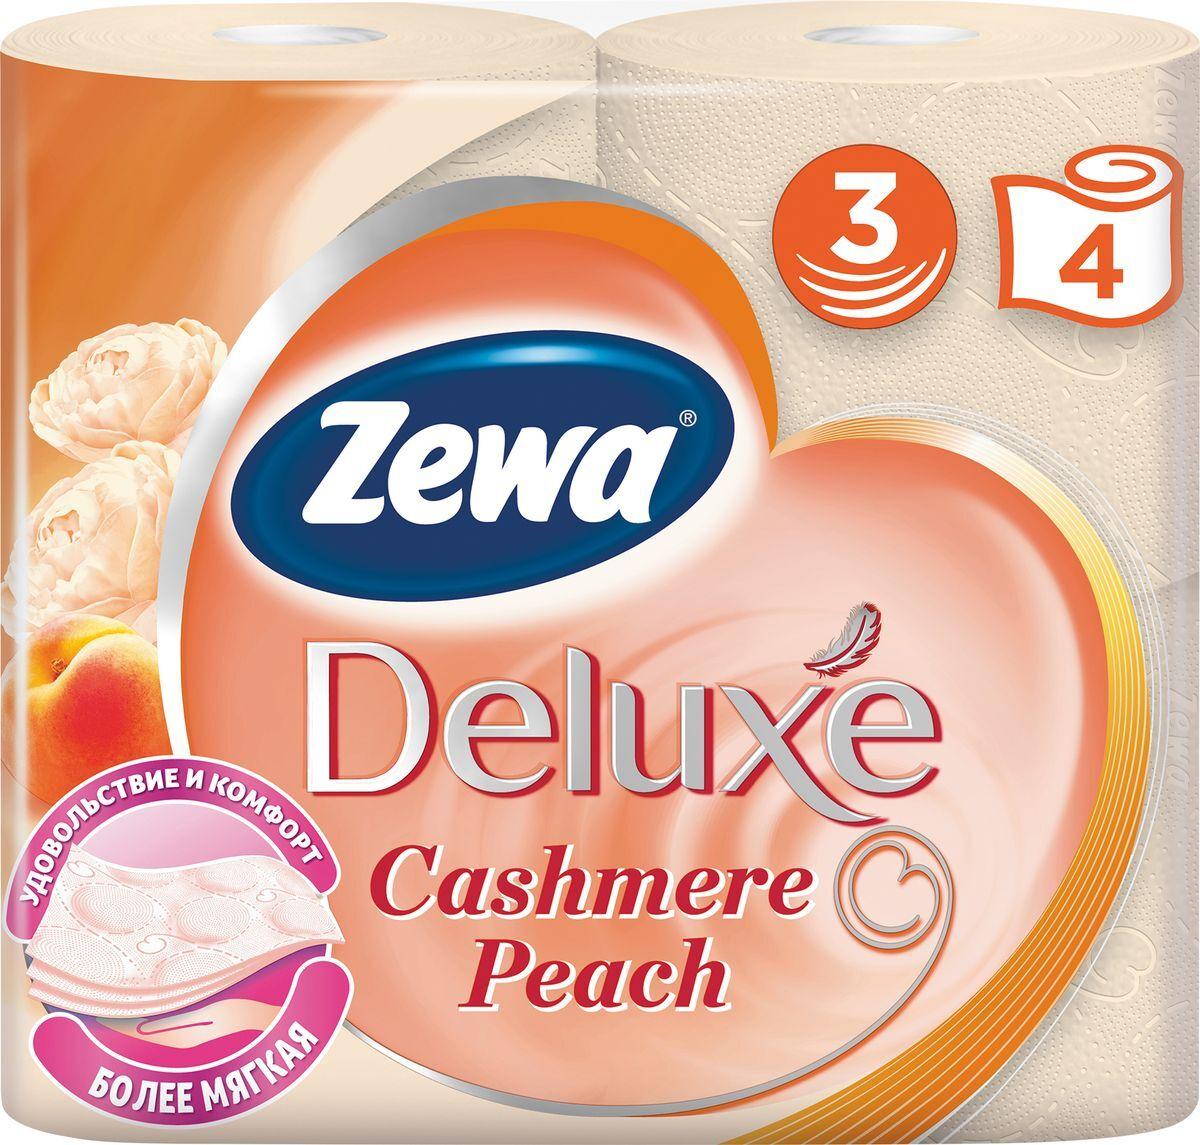 Туалетная бумага Zewa ДеЛюкс Персик 3 слоя 4 рулона